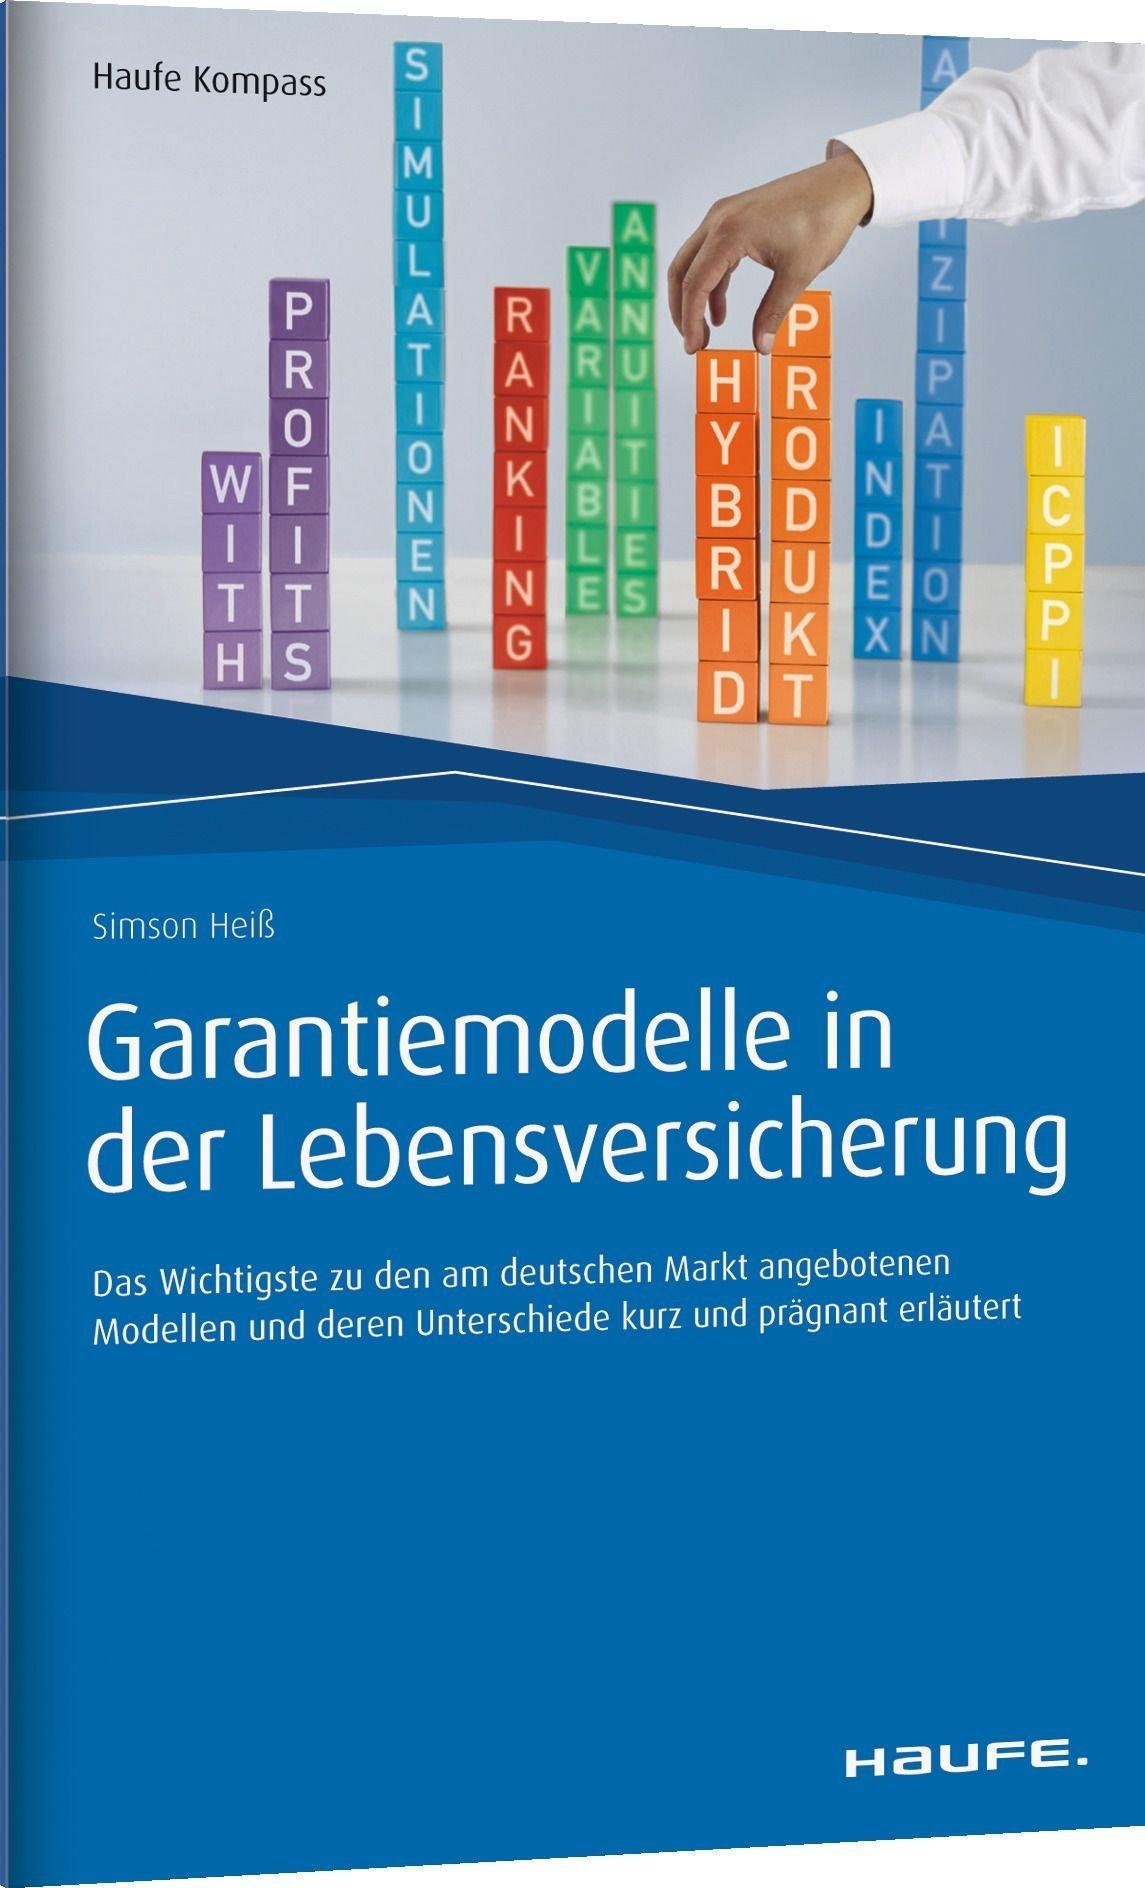 Garantiemodelle in der Lebensversicherung: Das Wichtigste zu den am deutschen Markt angebotenen Modellen und deren Unterschiede kurz und prägnant erläutert (Haufe Kompass)